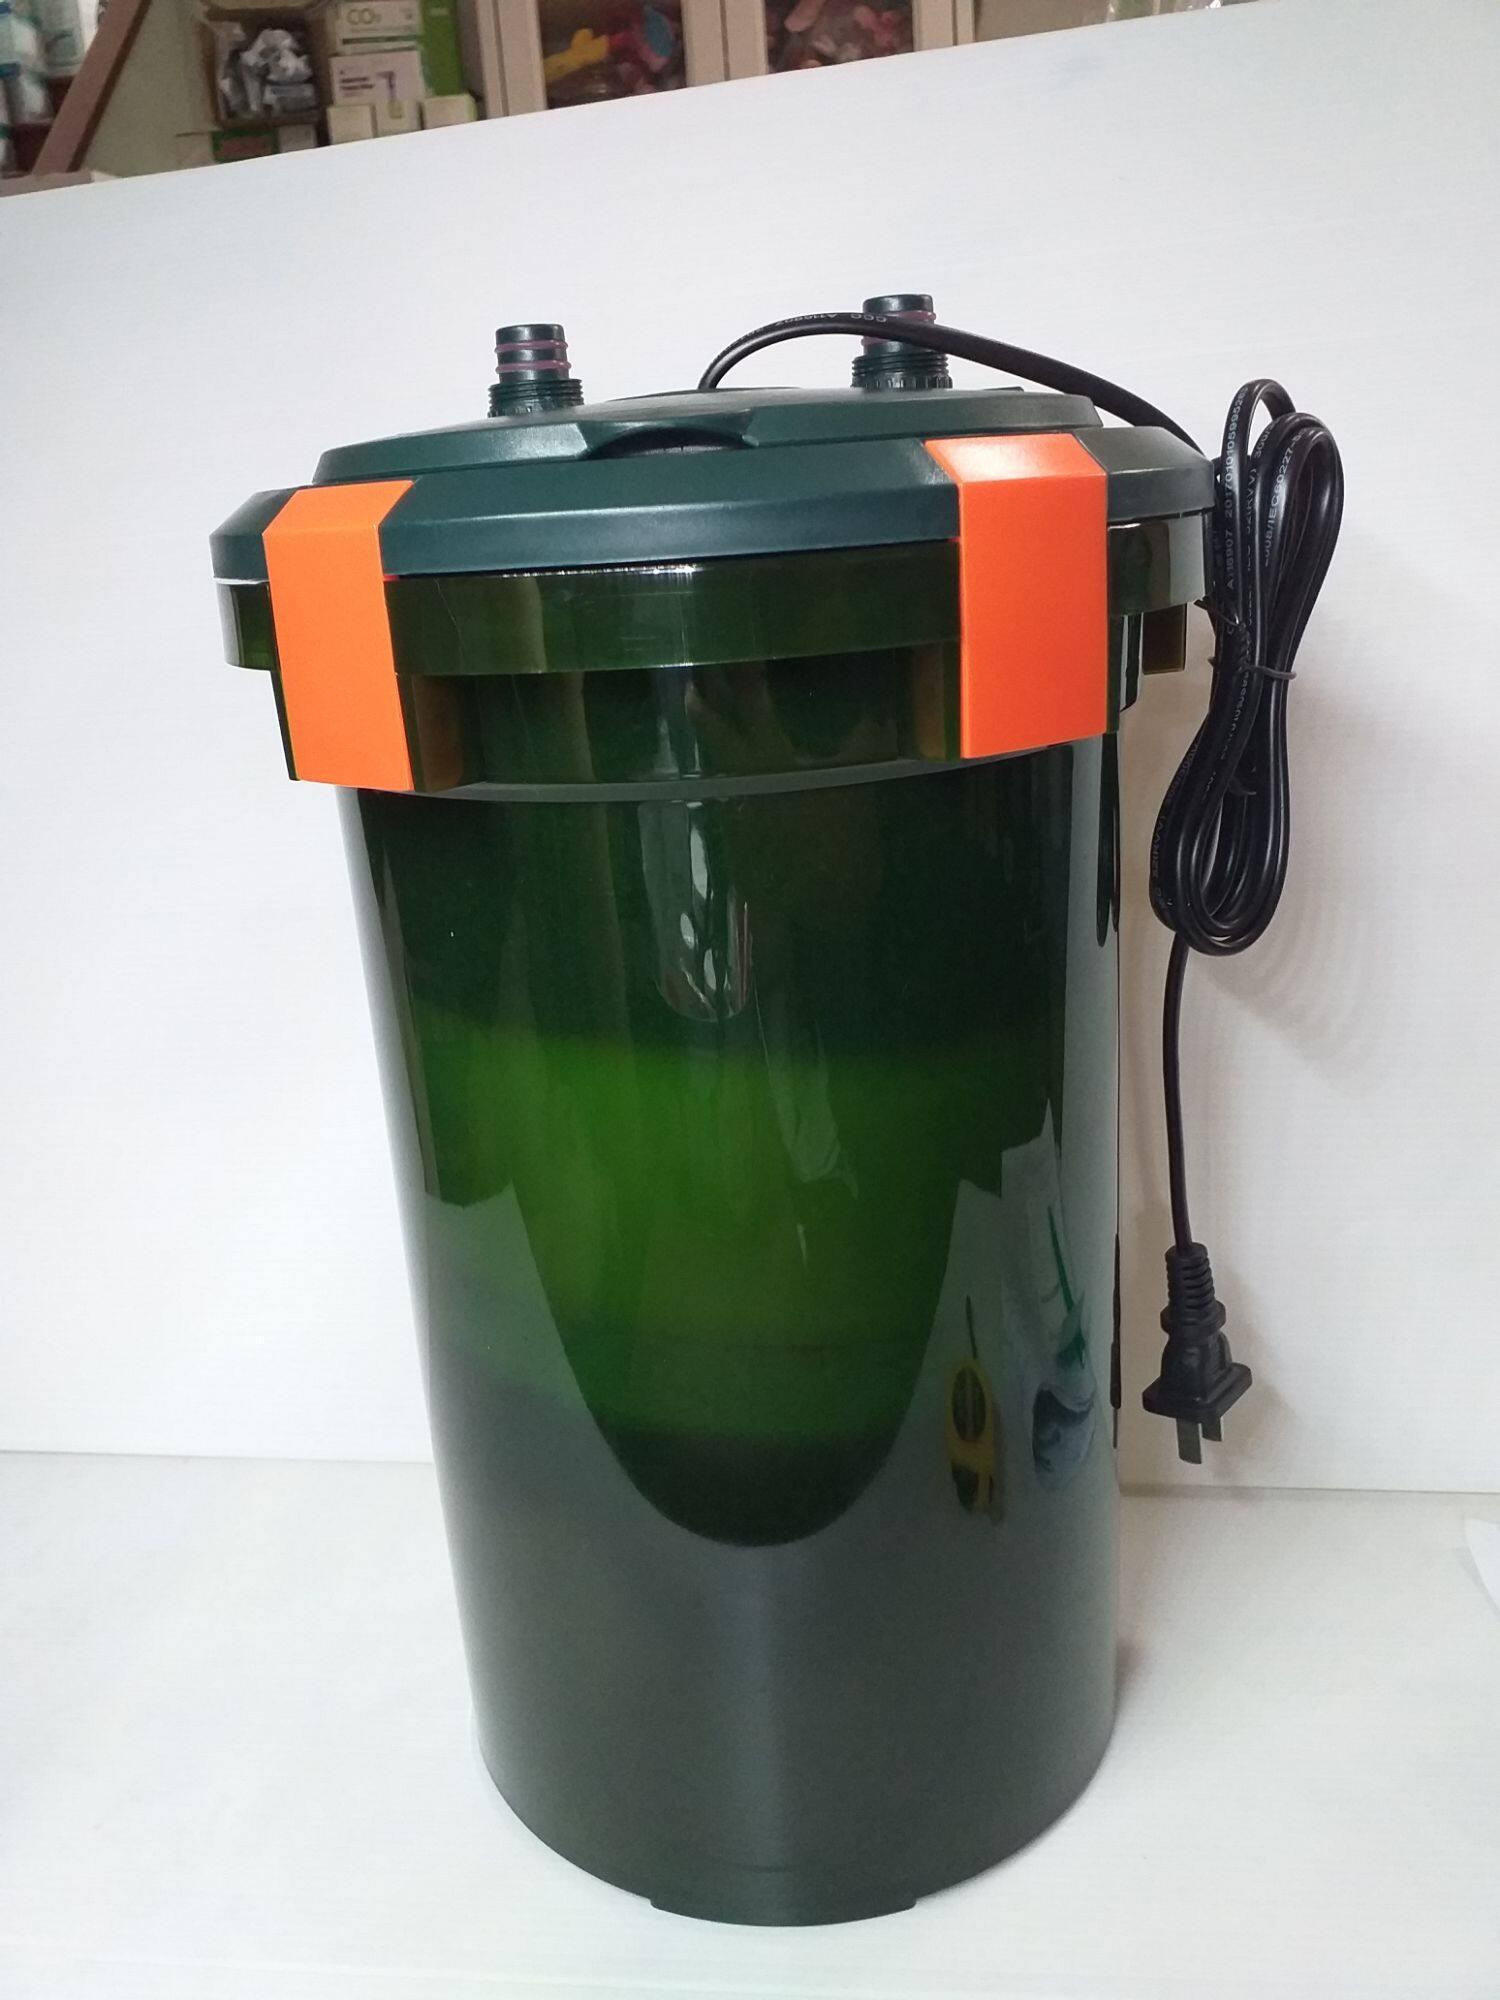 กรองนอกตู้ปลาXilong XL-804D เครื่องกรองน้ำตู้ปลา ระบบกรองตู้ปลา ที่กรองตู้ปลา